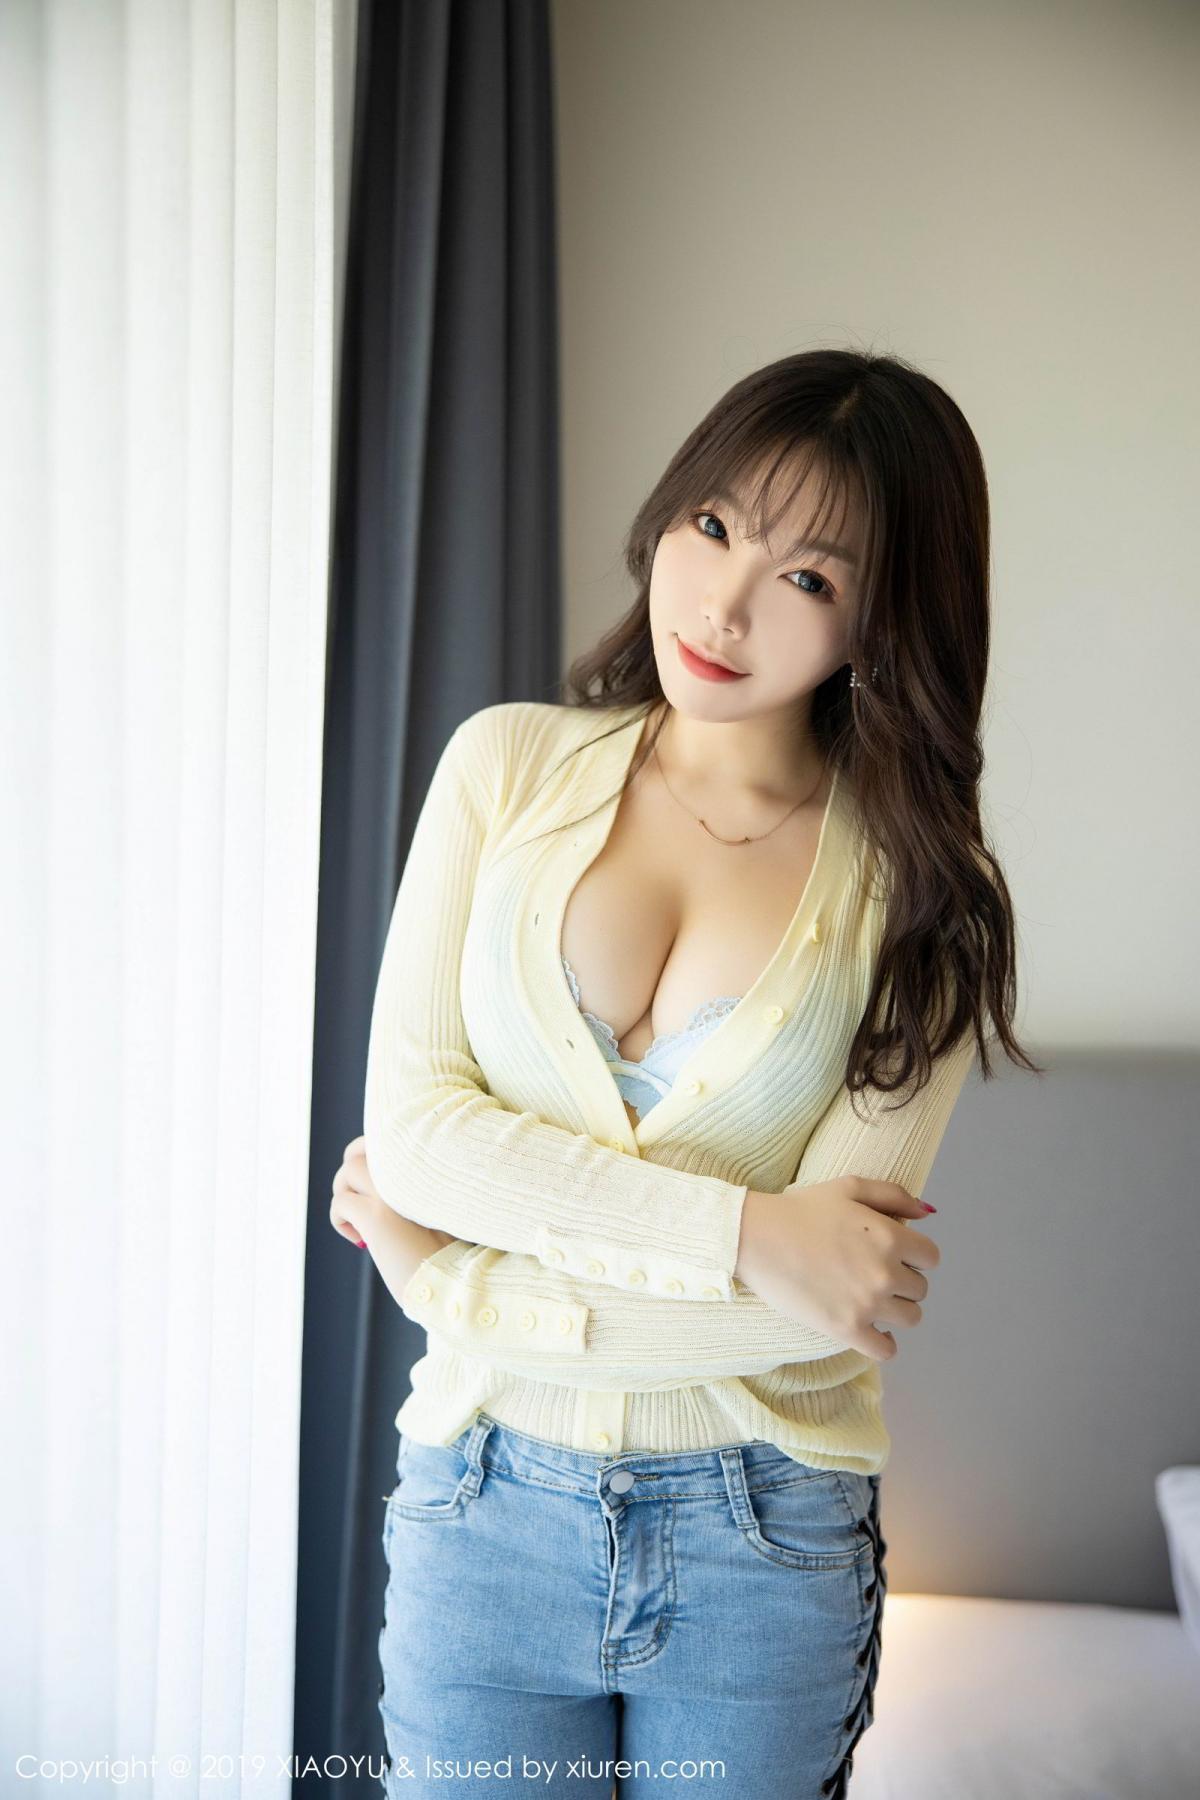 [XiaoYu] Vol.197 Chen Zhi 20P, Chen Zhi, Tall, XiaoYu